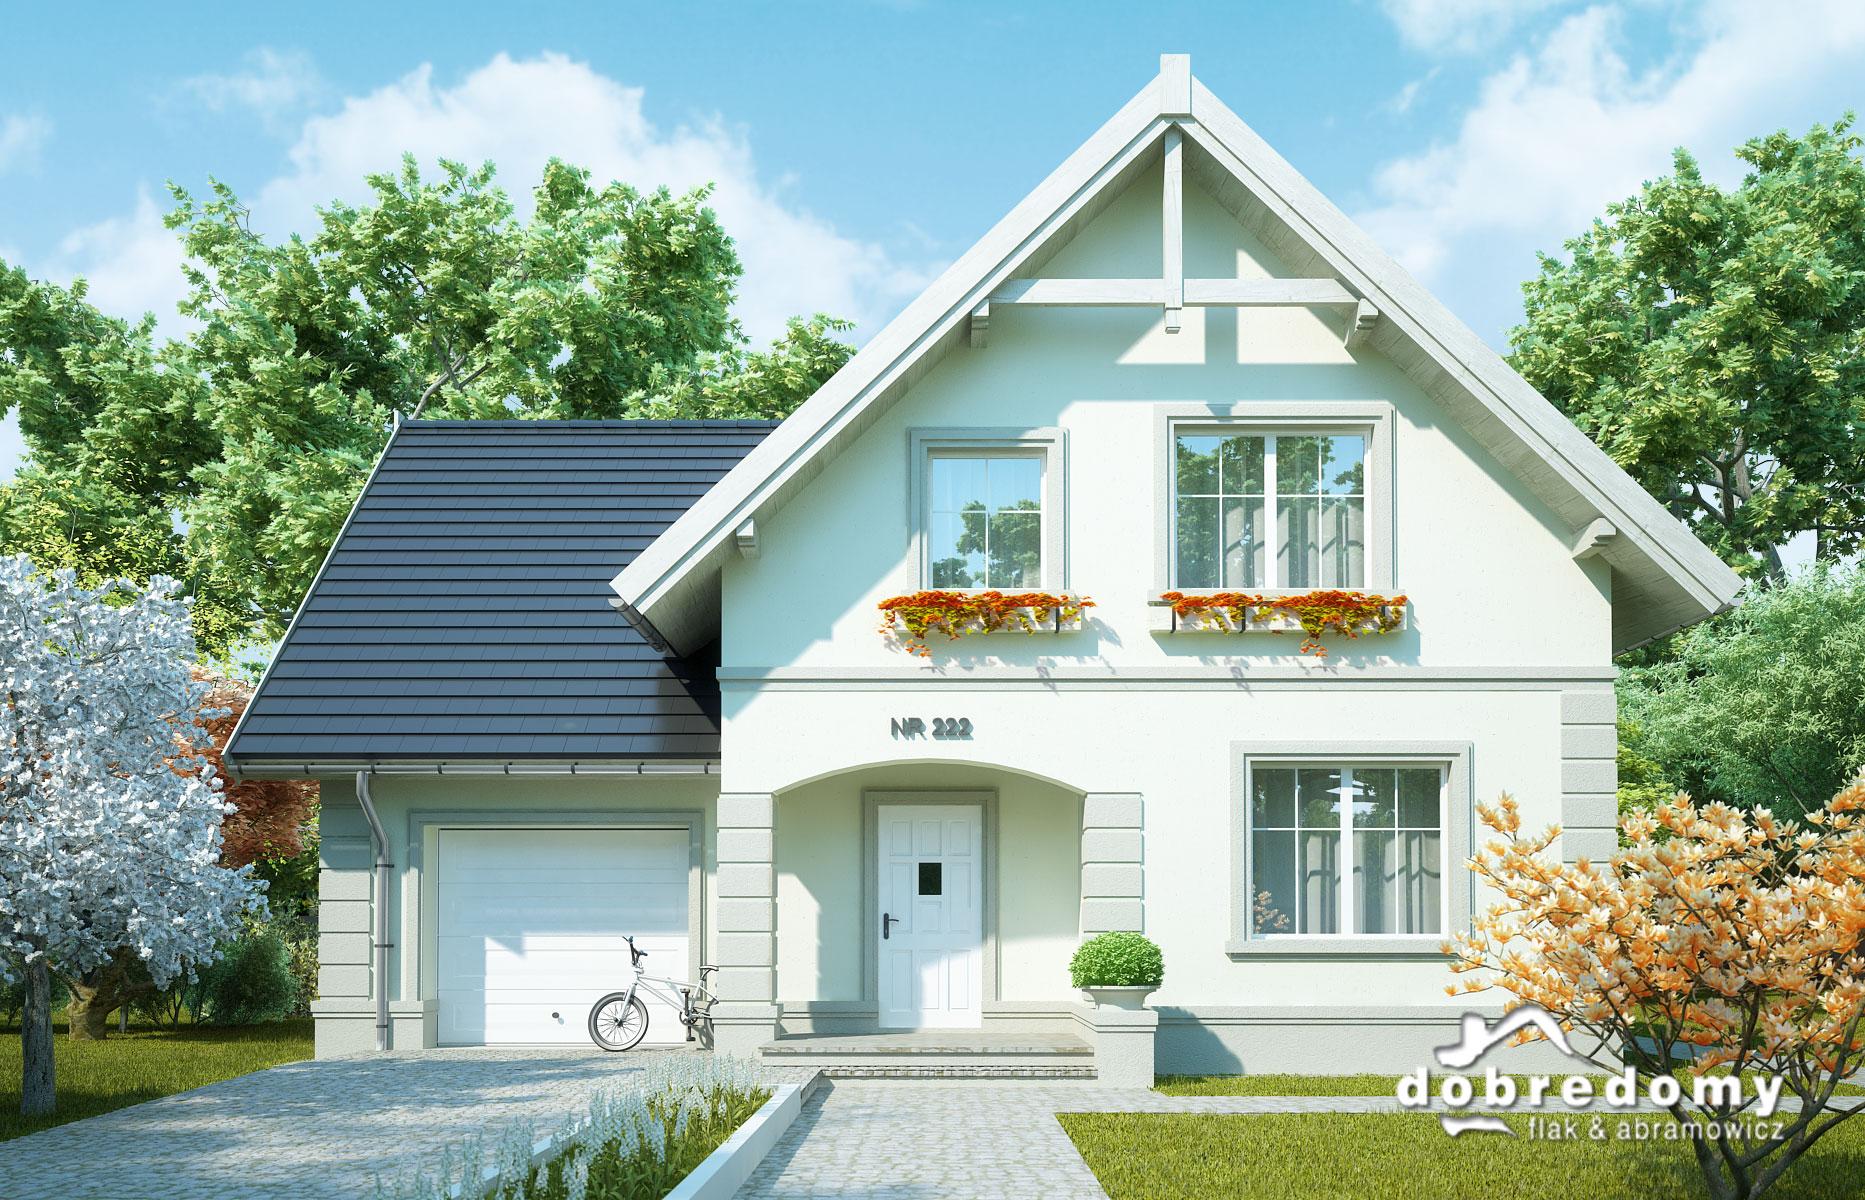 Jak wybrać projekt domu? 5 rzeczy, które warto wziąć pod uwagę przed jego zakupem